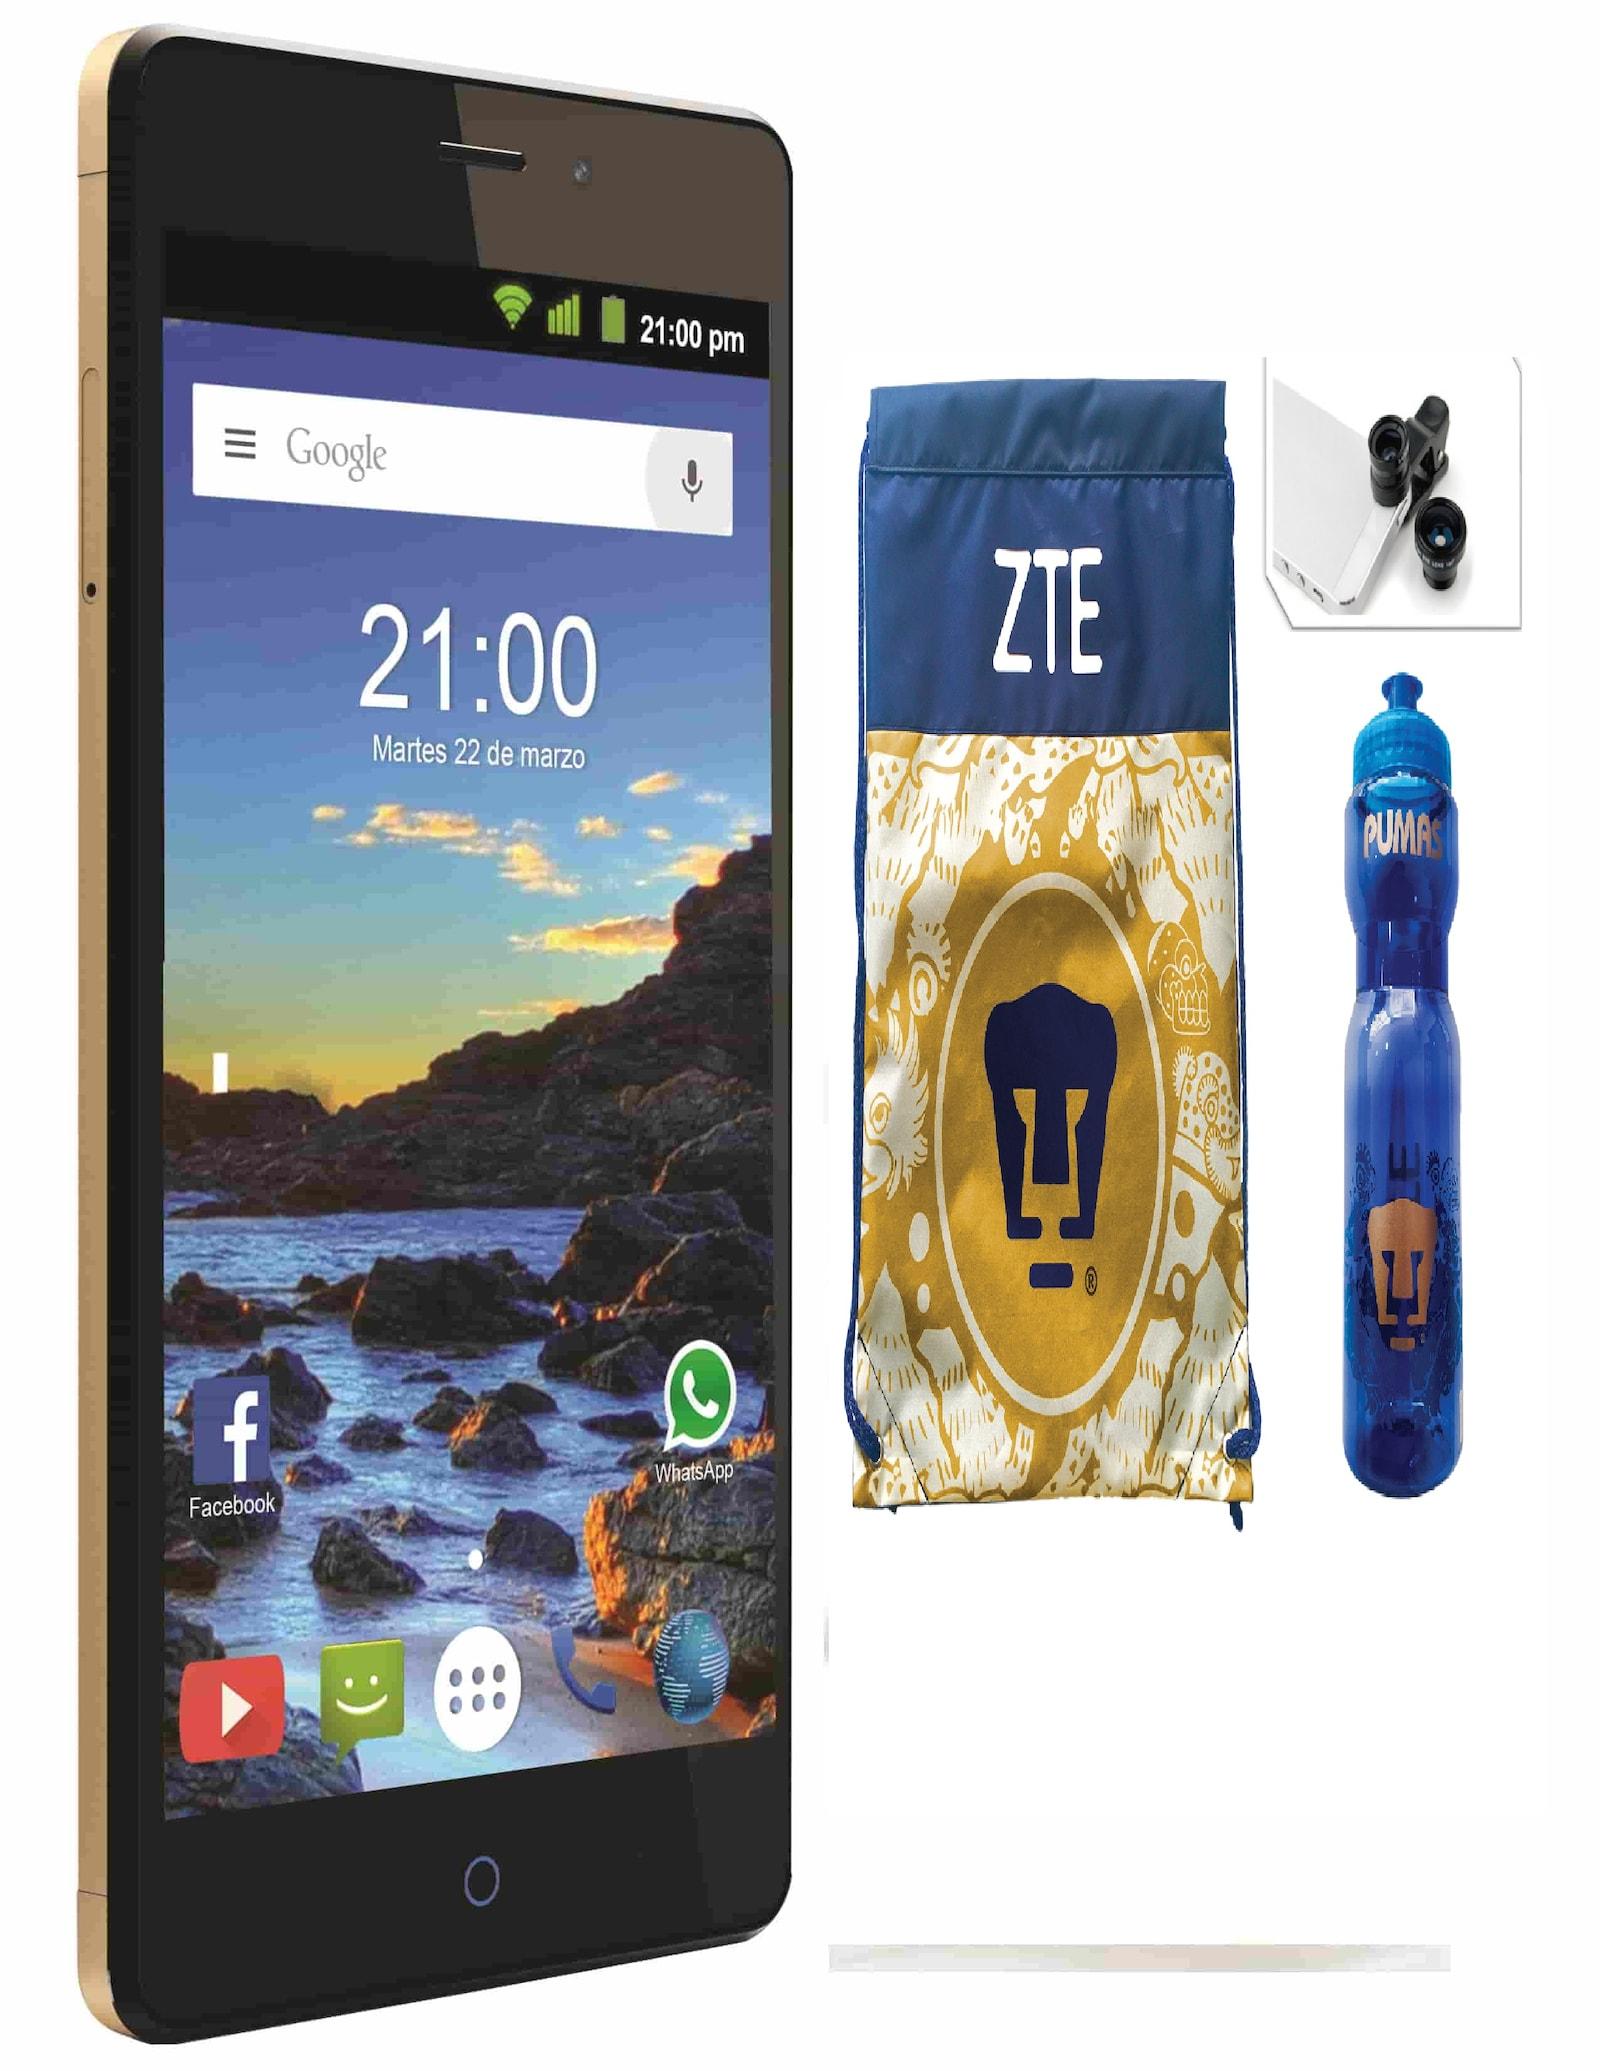 Celular ZTE Blade V580 Color Dorado (Telcel) + Paquete Pumas